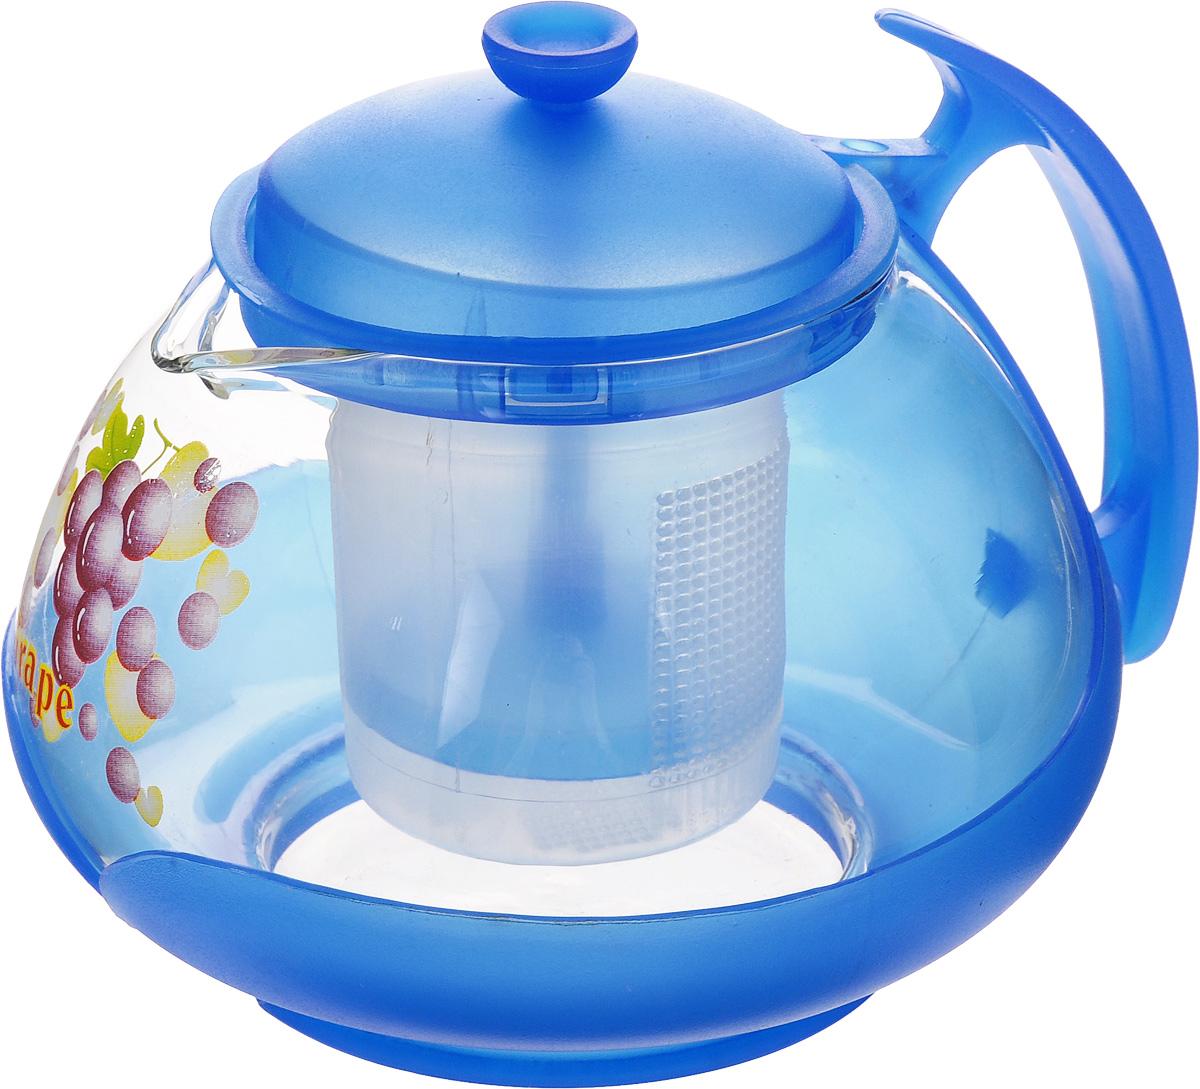 Чайник заварочный Mayer & Boch, с фильтром, цвет: прозрачный, синий, 700 мл. 20222022_прозрачный, синийЗаварочный чайник Mayer & Boch изготовлен из жаропрочного стекла и полипропилена. Изделие оснащено сетчатым фильтром из пищевого полипропилена (пластика), который задерживает чаинки и предотвращает их попадание в чашку, а прозрачные стенки дадут возможность наблюдать за насыщением напитка. Чай в таком чайнике дольше остается горячим, а полезные и ароматические вещества полностью сохраняются в напитке. Диаметр чайника (по верхнему краю): 8 см. Высота чайника (без учета крышки): 9,5 см. Высота фильтра: 6,5 см.